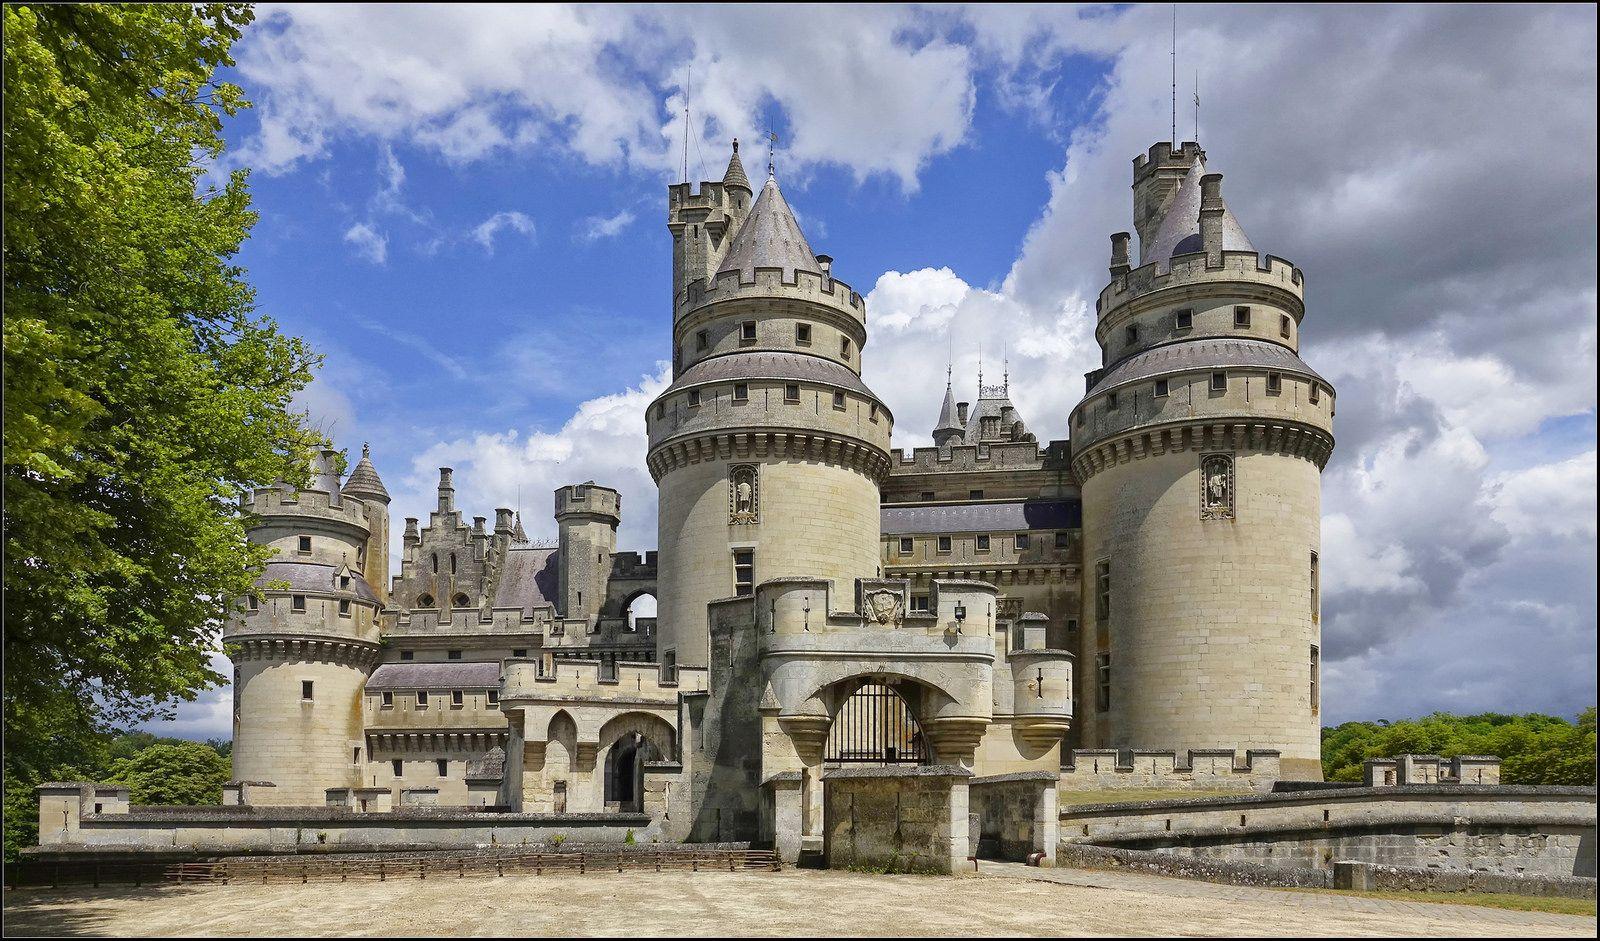 Chateau De Pierrefonds Day Trip From Paris Day Trips Paris Travel